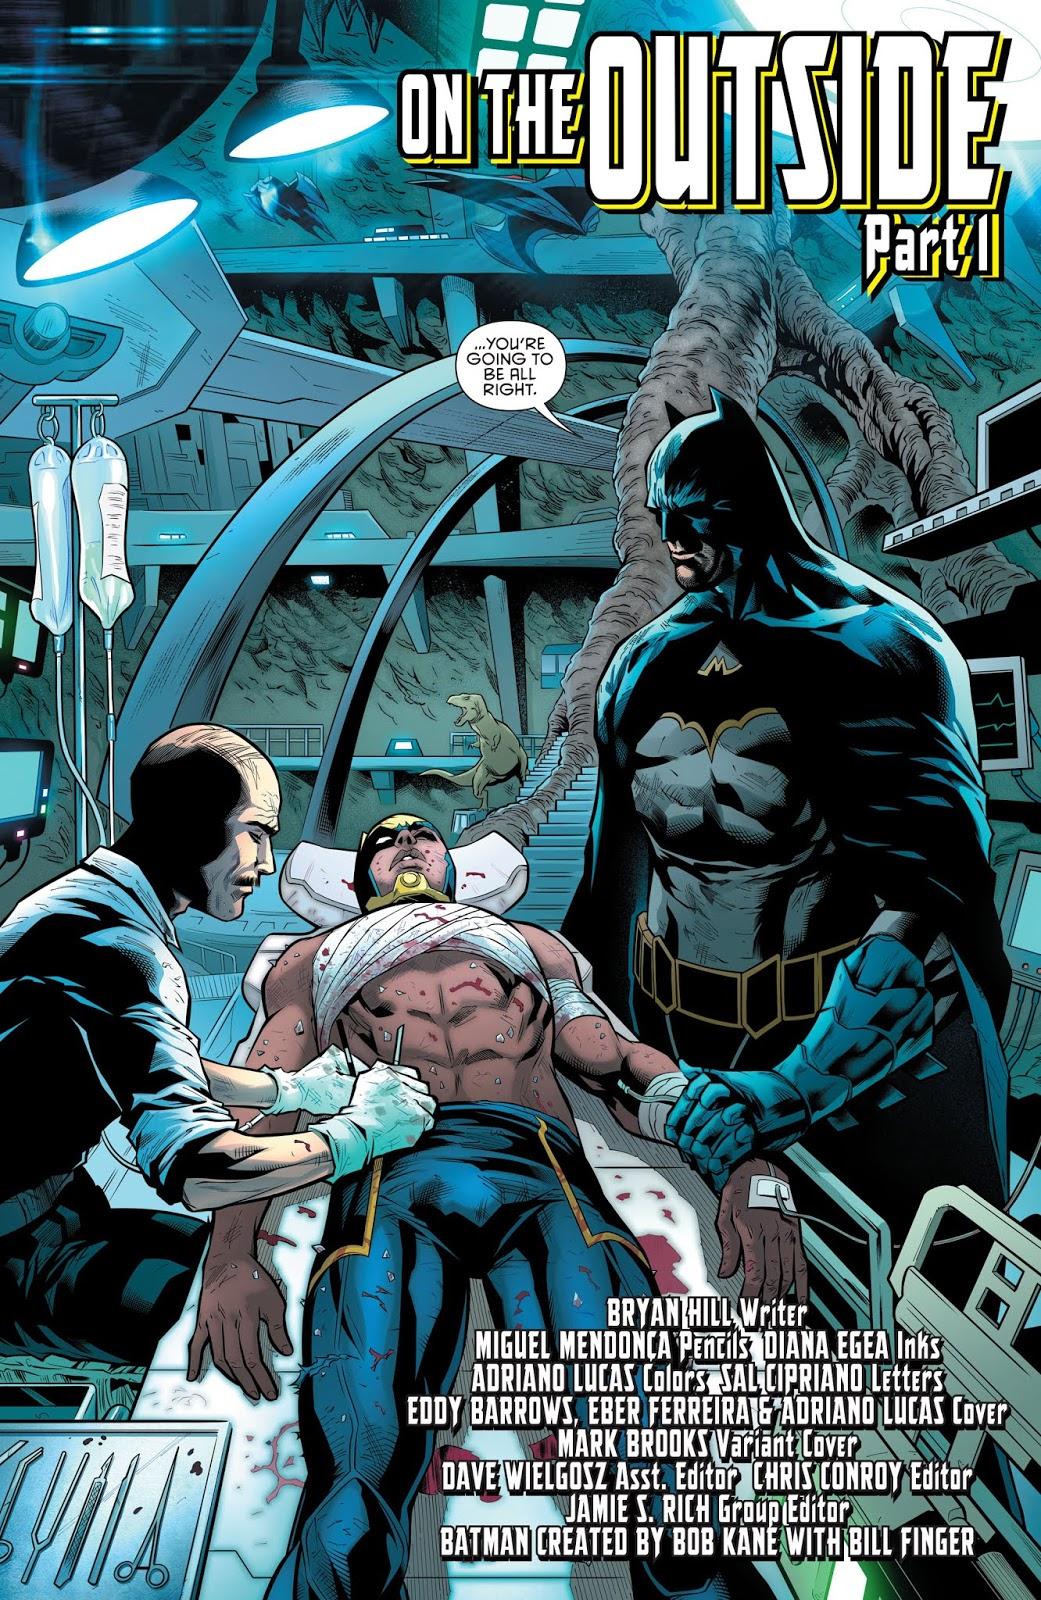 Batman And The Signal (Detective Comics Vol. 1 #983)